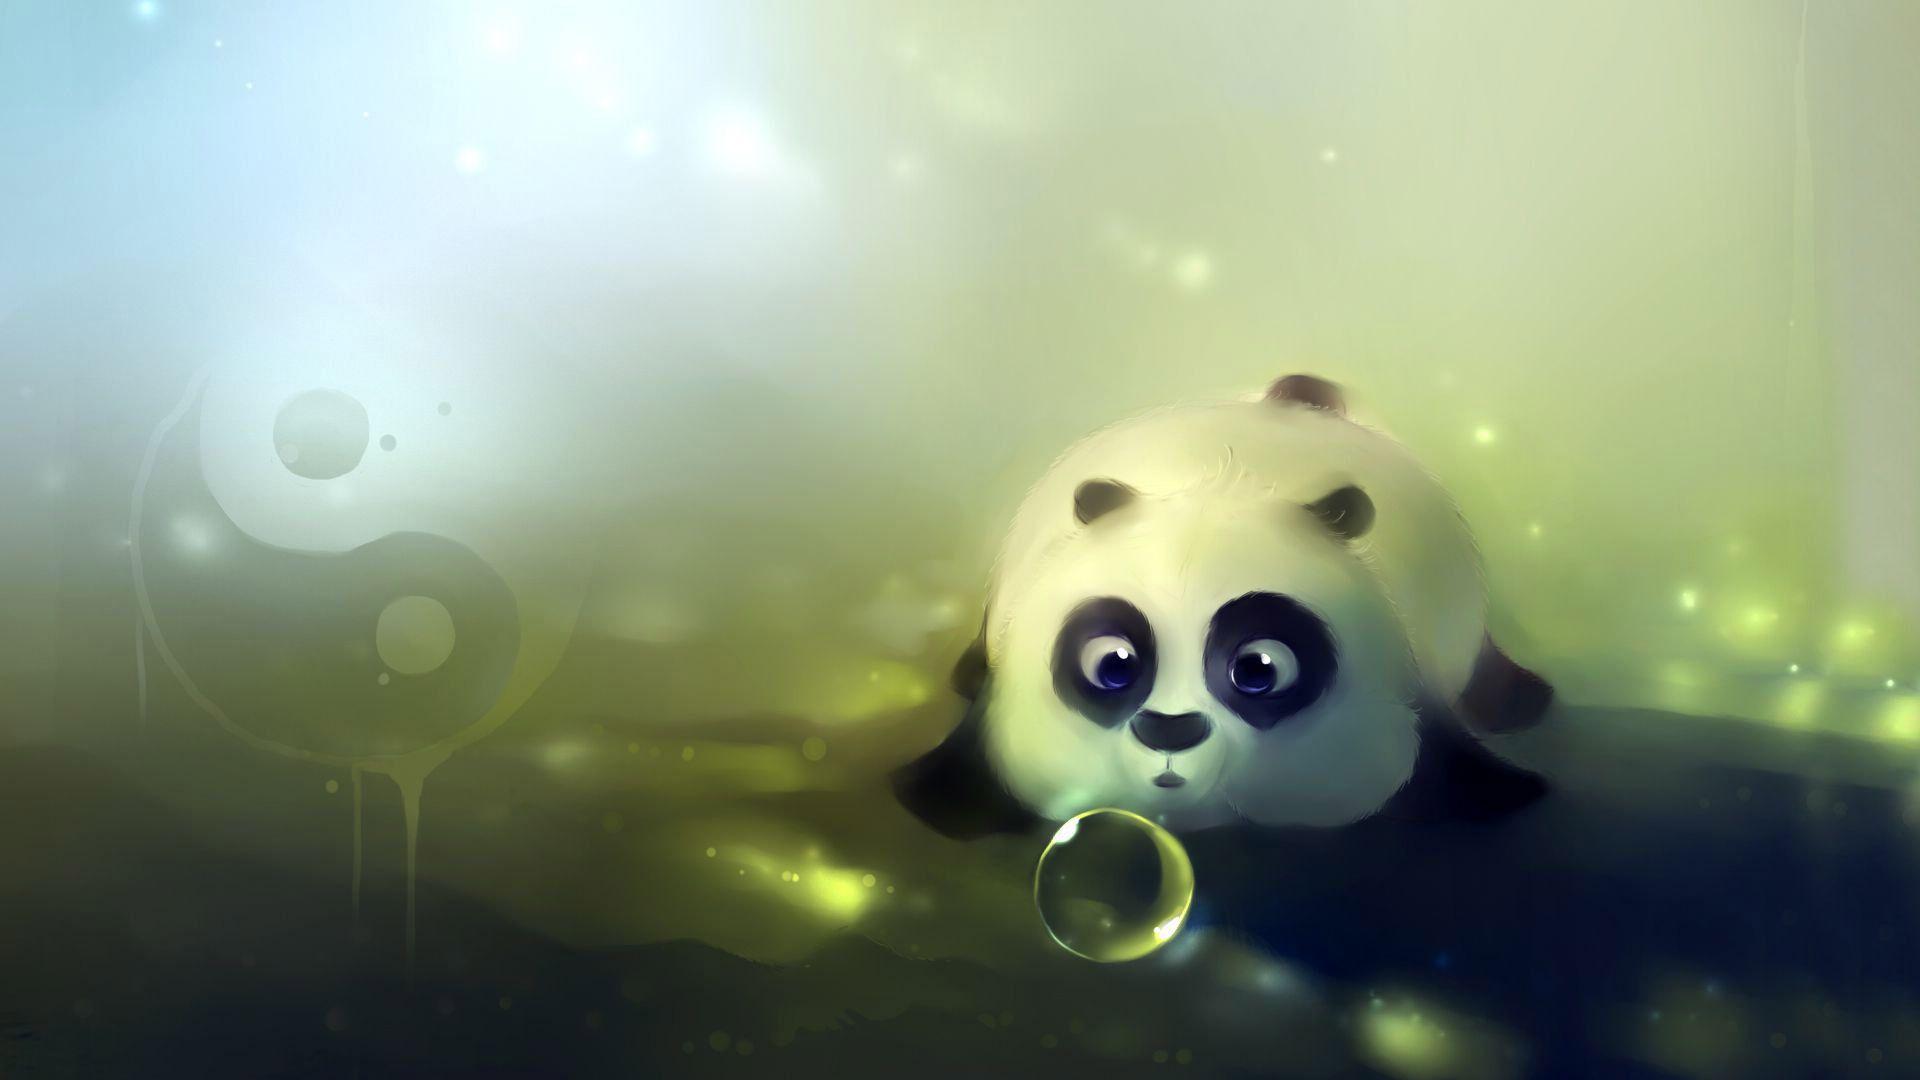 Panda Wallpapers - Wallpaper Cave